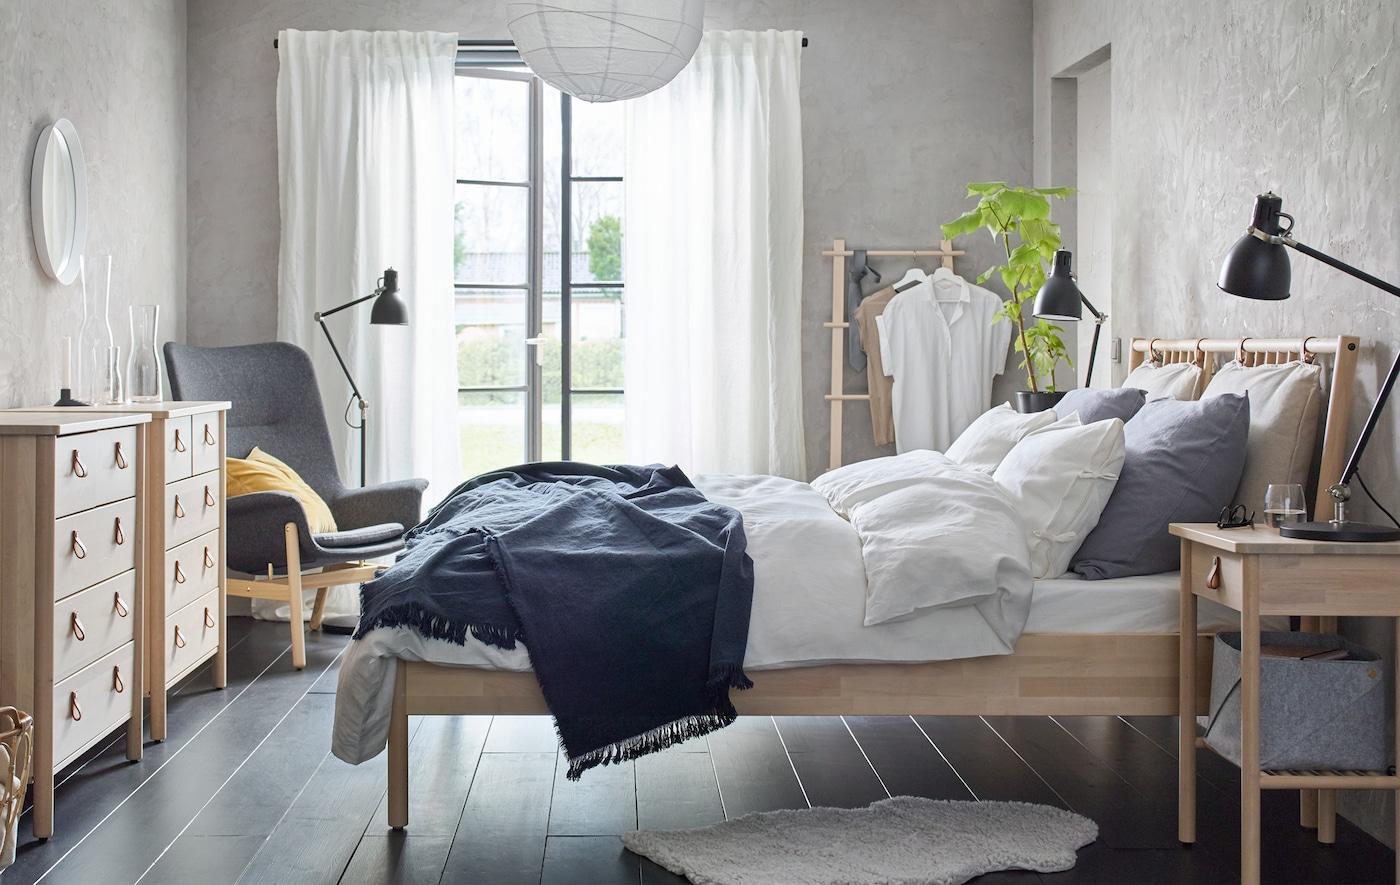 Un dormitori amb decoració en tons neutres amb una estructura de llit de fusta, una còmoda amb calaixos i una tauleta de nit.